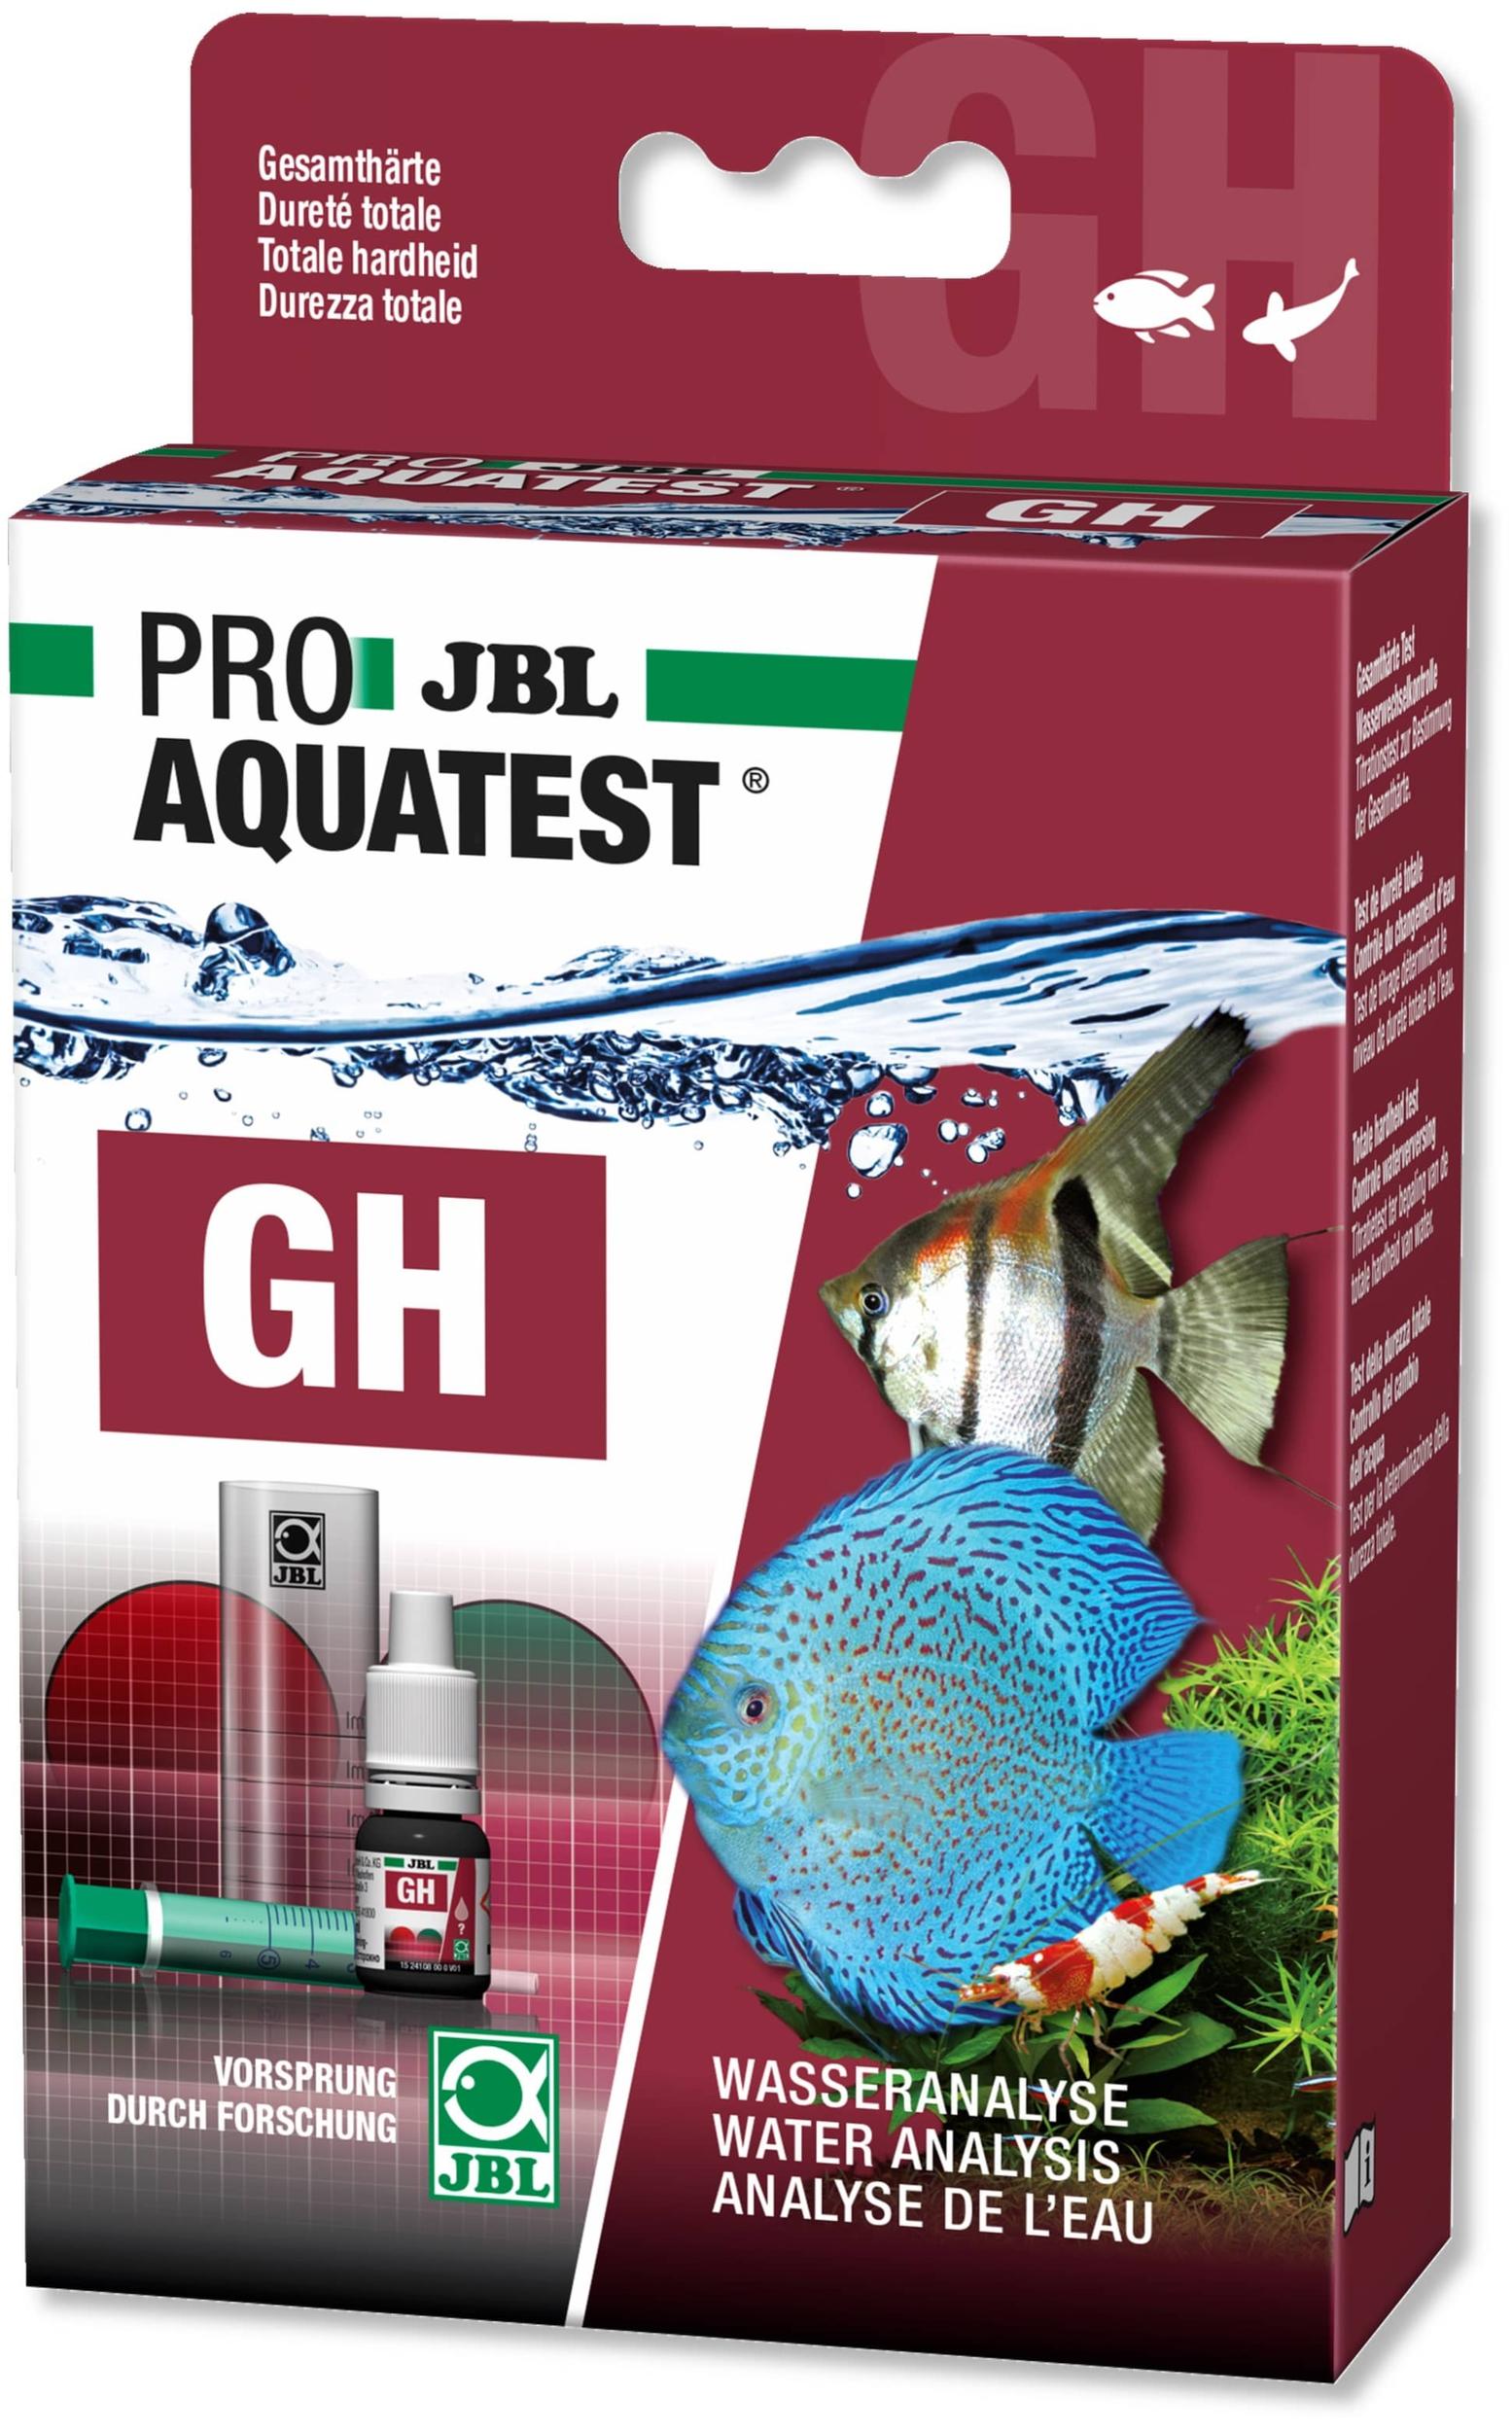 JBL ProAquaTest GH test dureté totale pour aquarium d\'eau douce et bassin